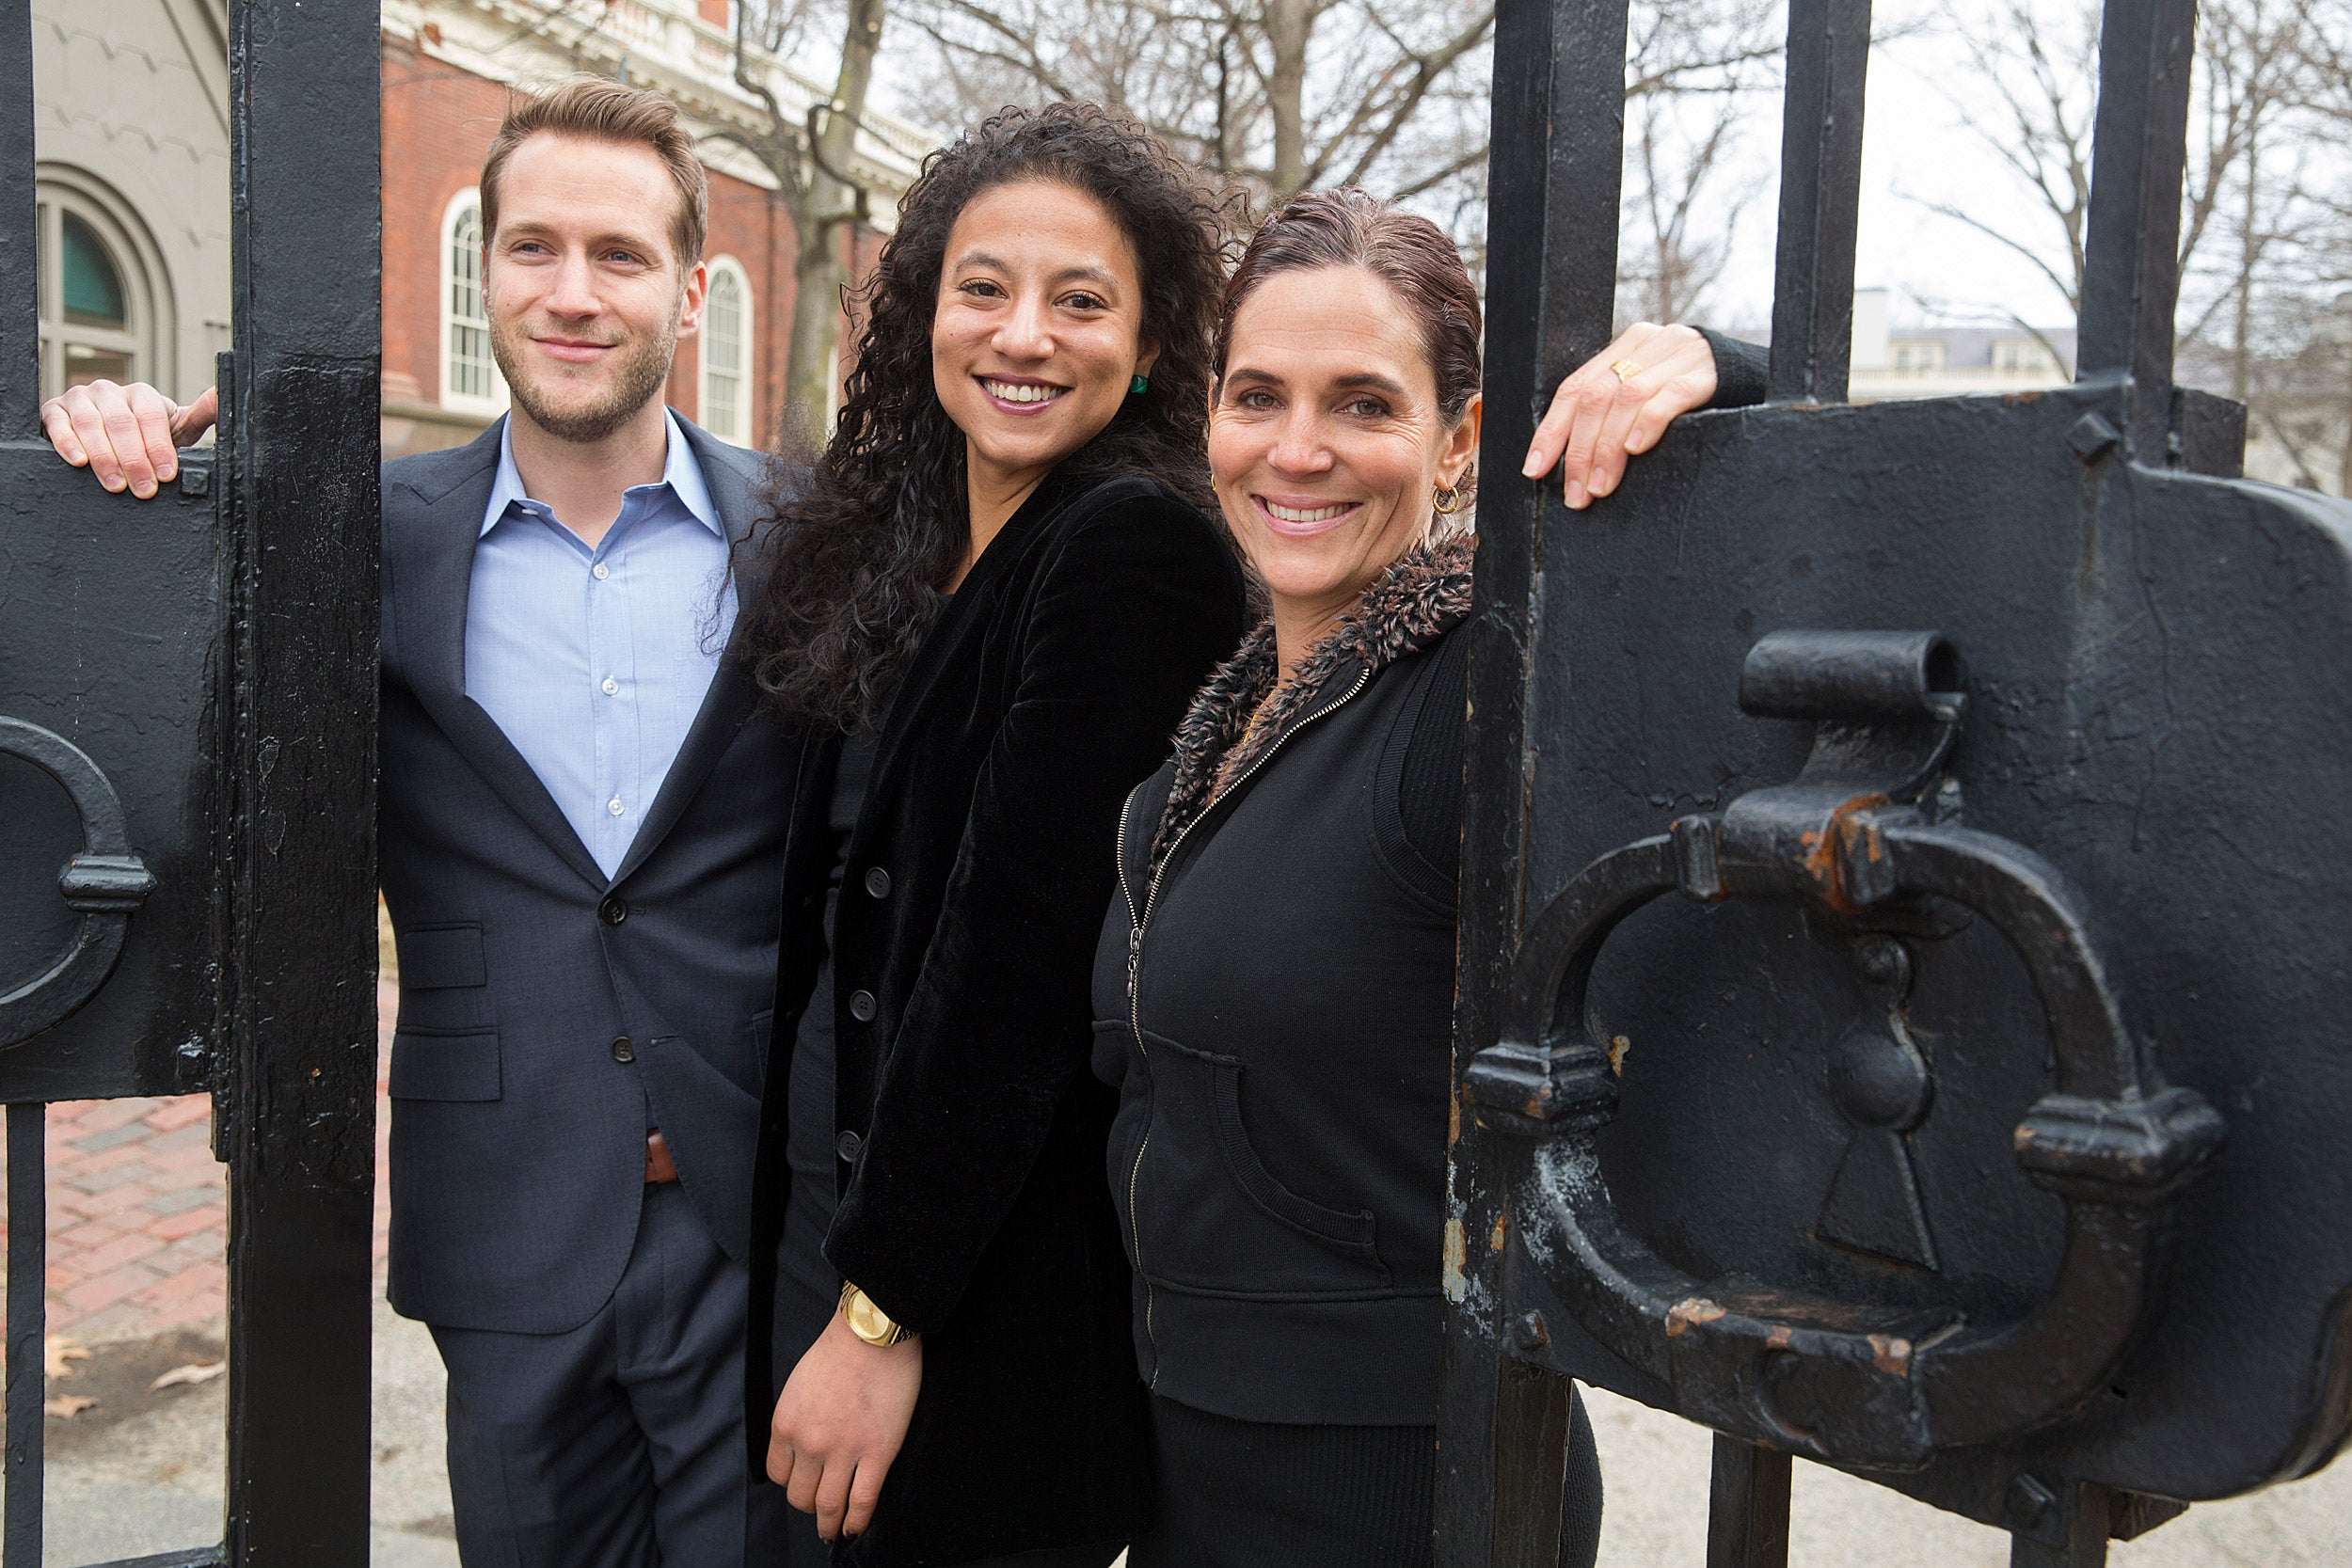 Garrett Felber (l to r), Elizabeth Hinton, and Kaia Stern